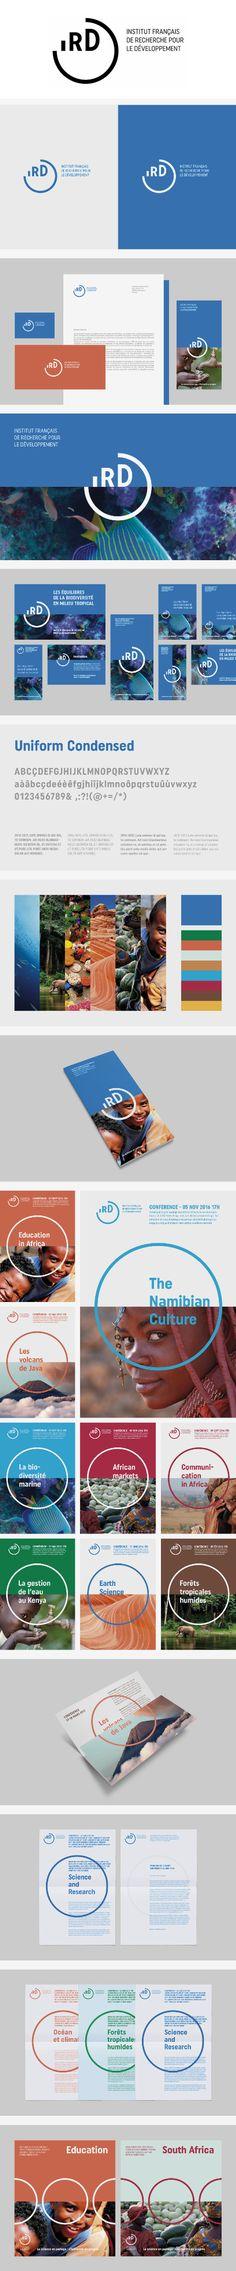 More corporate-designs are collected on: https://pinterest.com/rothenhaeusler/best-of-corporate-design/ · Agency: Grapheine · Client: IRD, Institut de recherche pour le développement · Source: https://www.grapheine.com/portfolio/branding-institut-de-recherche-developpement #branding #identity #corporatedesign